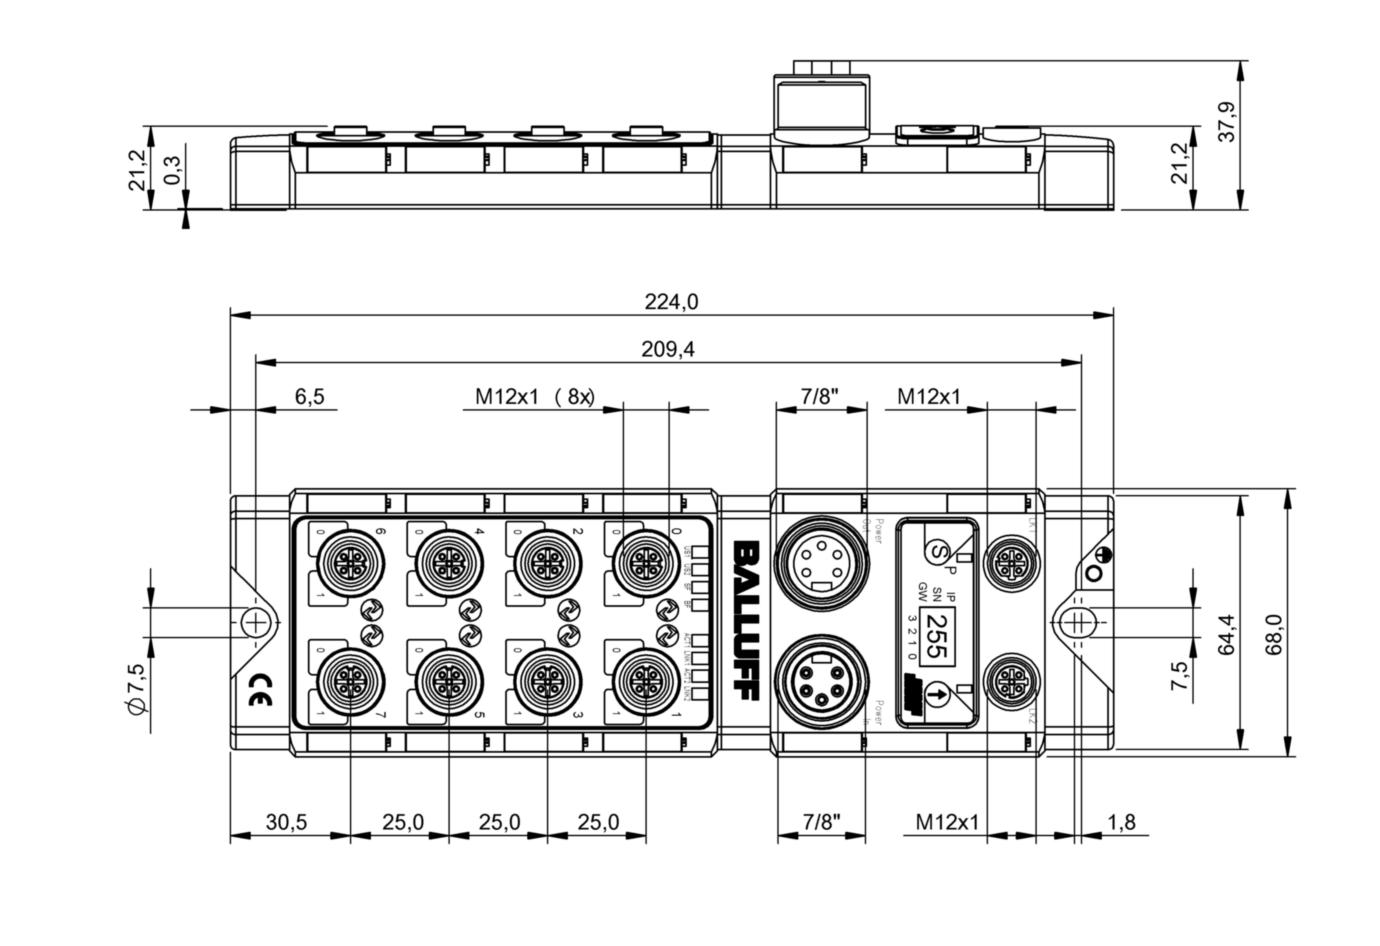 BNI005H - BNI PNT-508-105-Z015 - Balluff